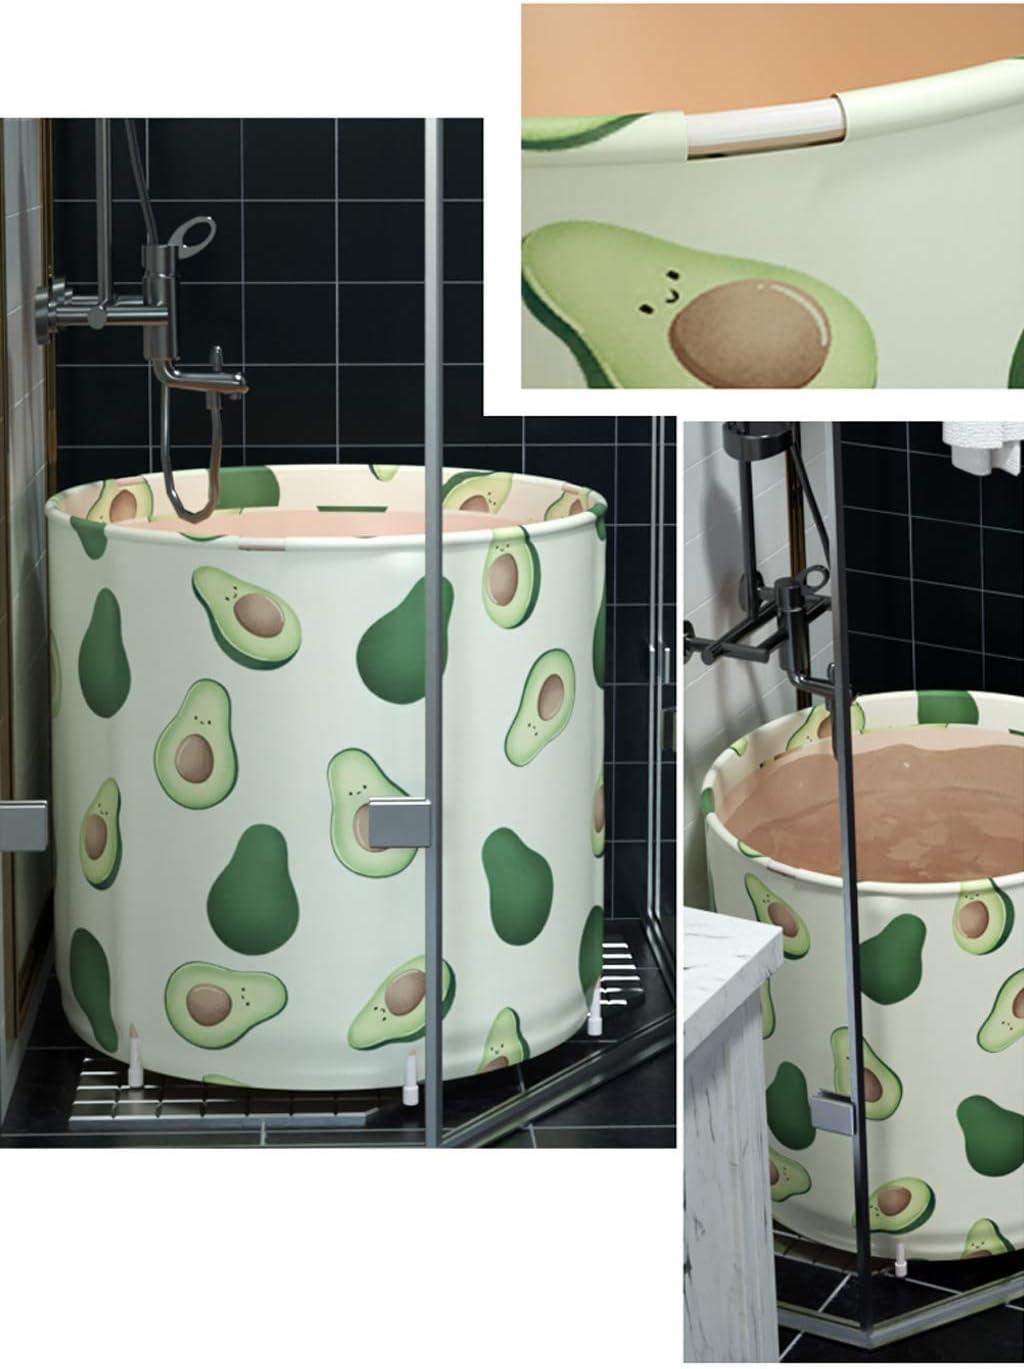 Pliable Gratuit Support Permanent Baignoire Gratuite Gonflable Ronde Barrel /Épais De M/énage en Plastique Tremper Bath Barrel Isolation Portable Baignoire